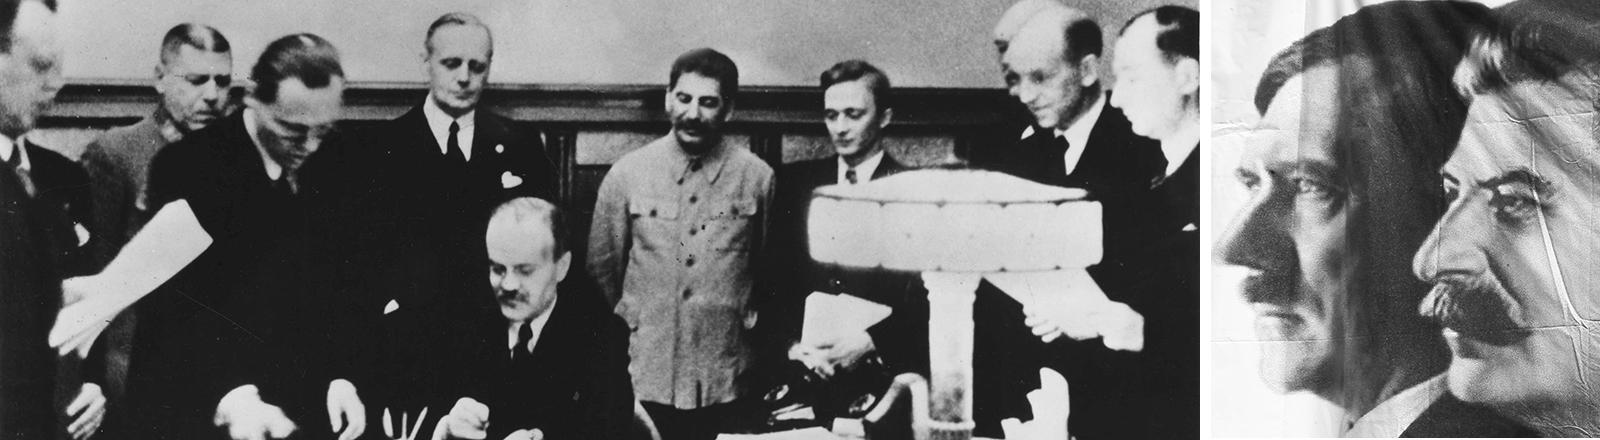 Unterzeichnung des Hitler-Stalin-Pakts.